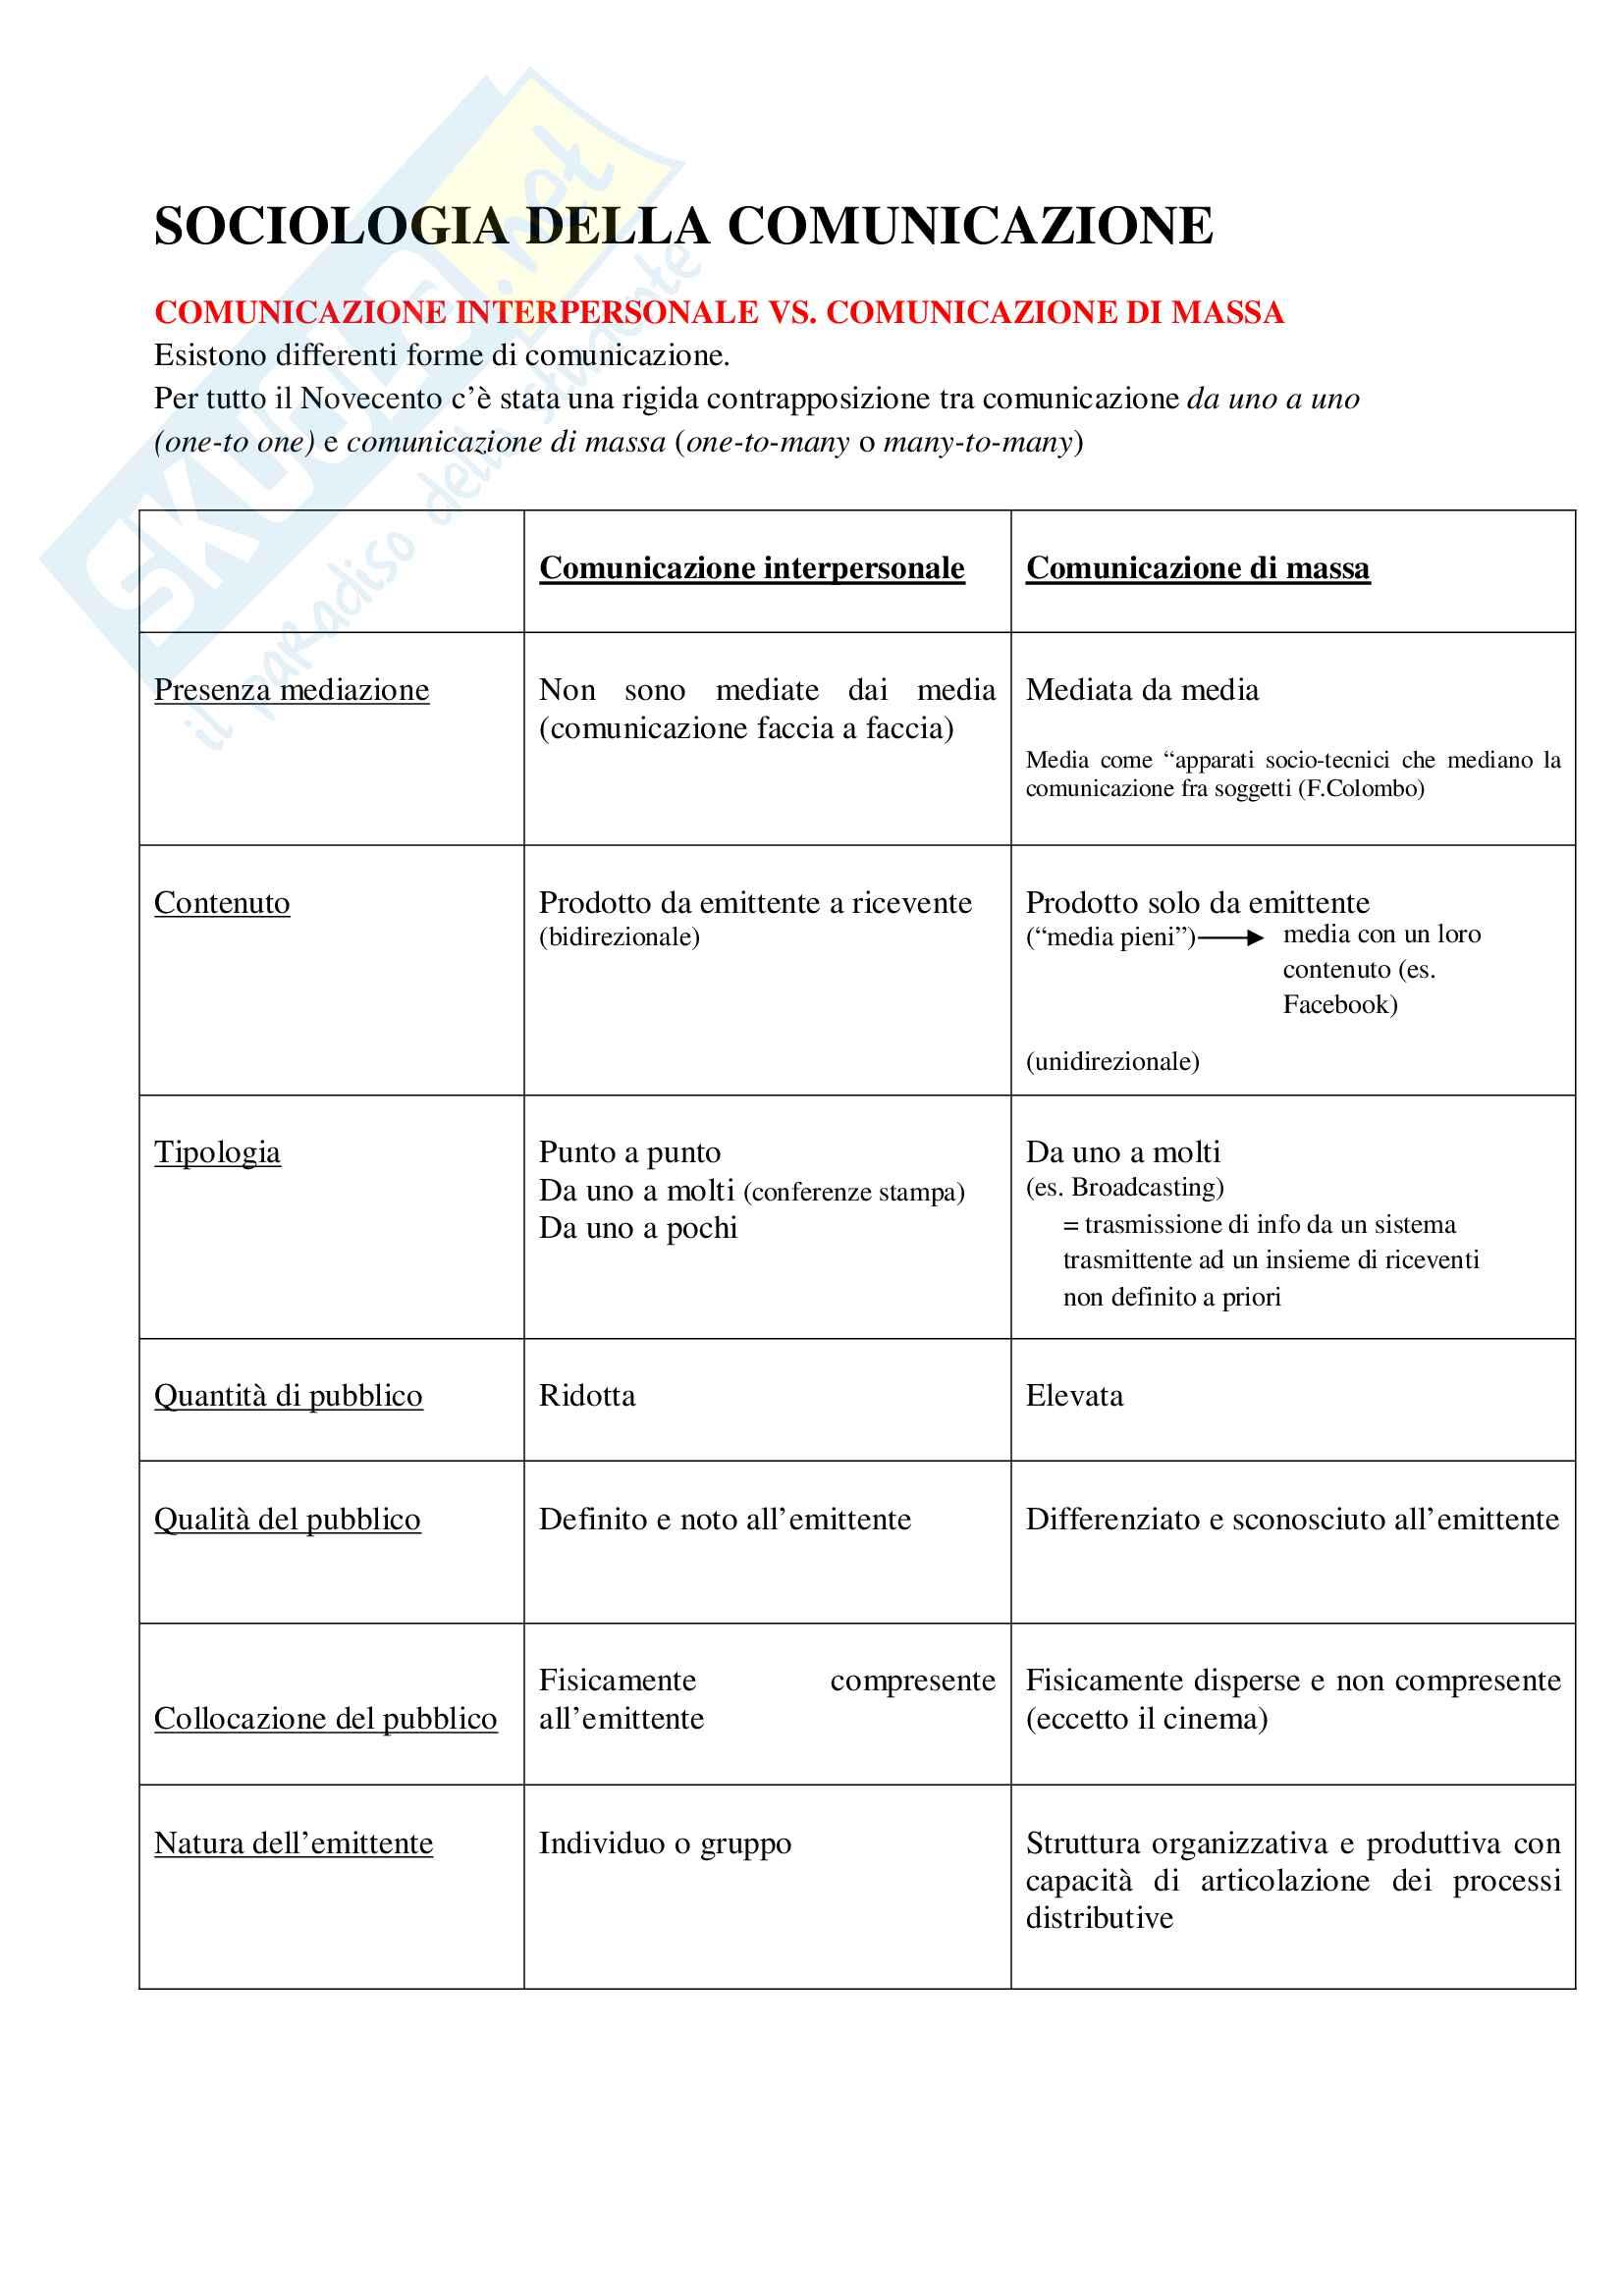 Riassunto per esame Sociologia della comunicazione, prof. Giomi, libro consigliato Sociologia della comunicazione